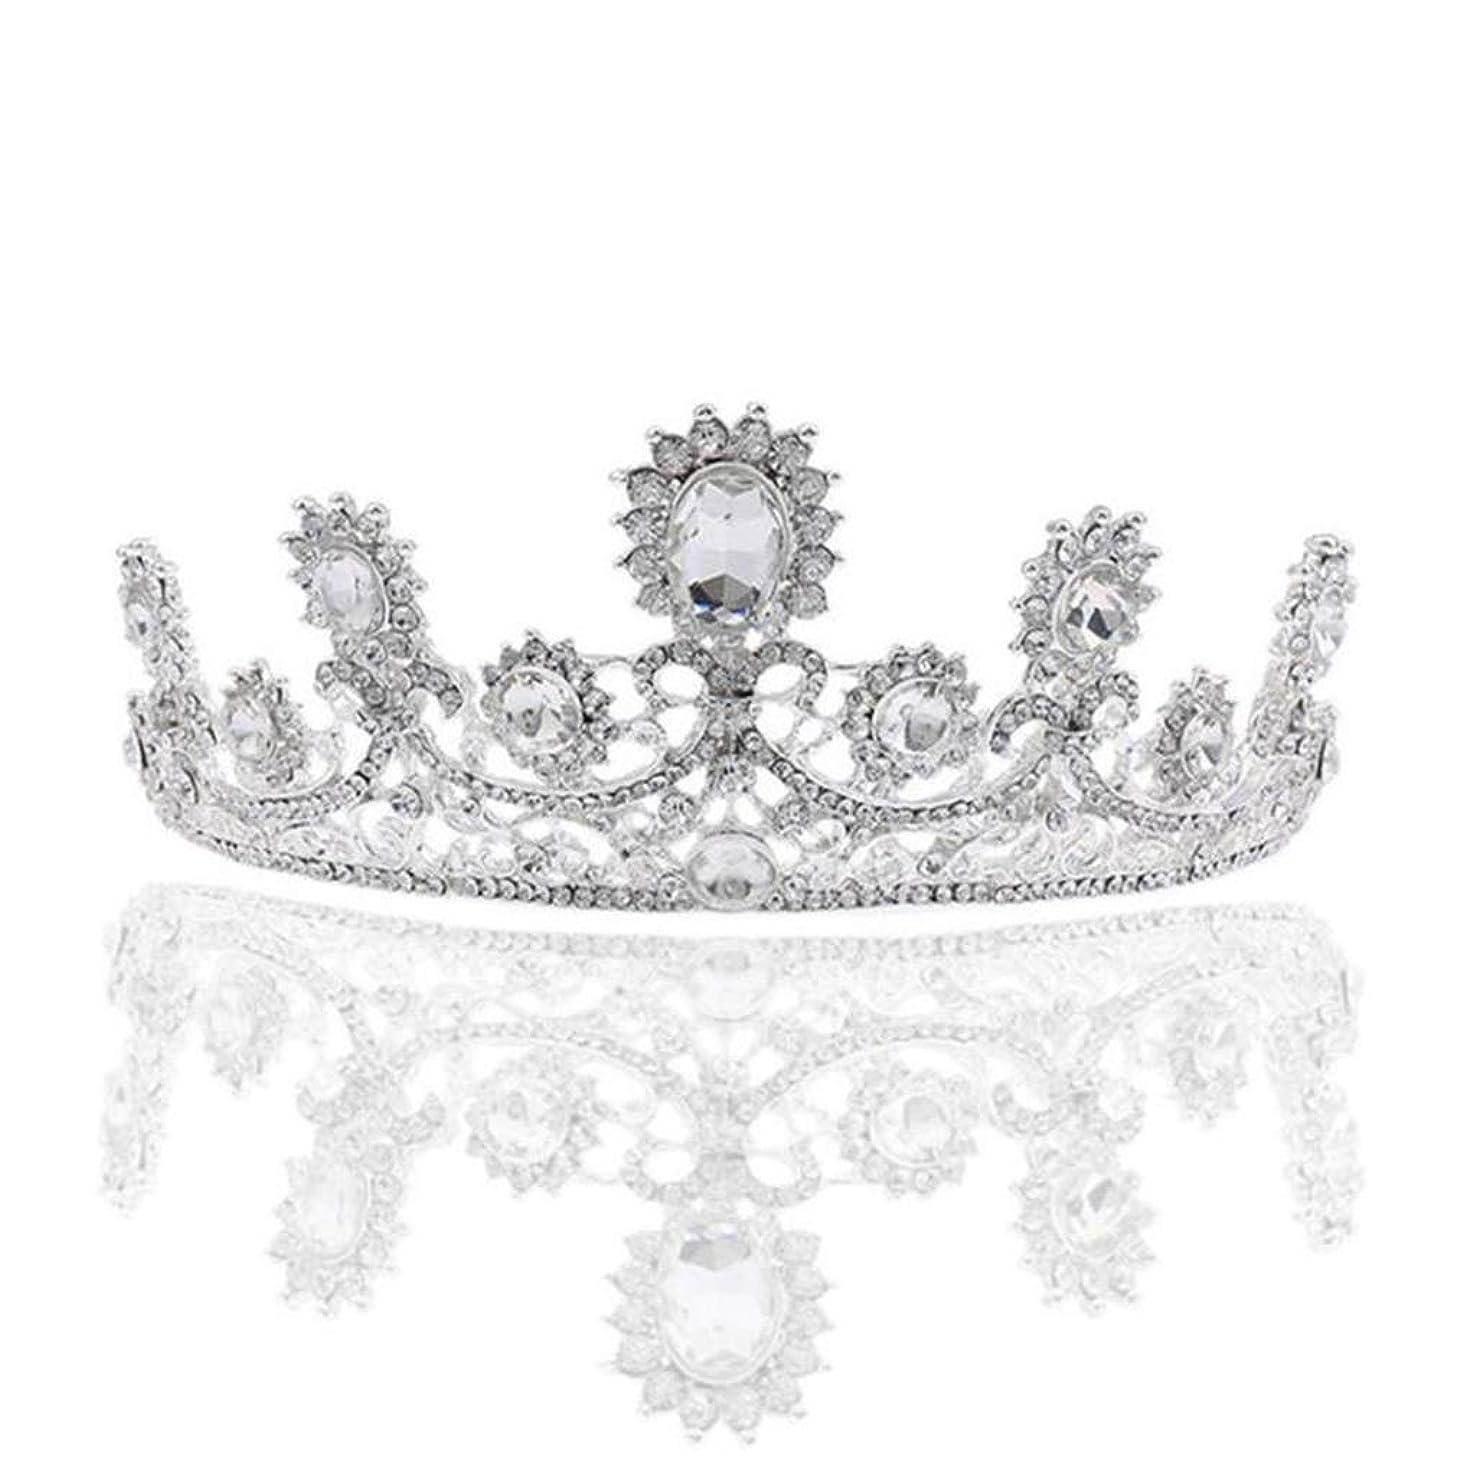 髪の王冠の花嫁の頭飾り白のユニークなクリスタルクラウンの女王高級合金の髪の王冠の花嫁のドレスの宝石類 (色 : A)